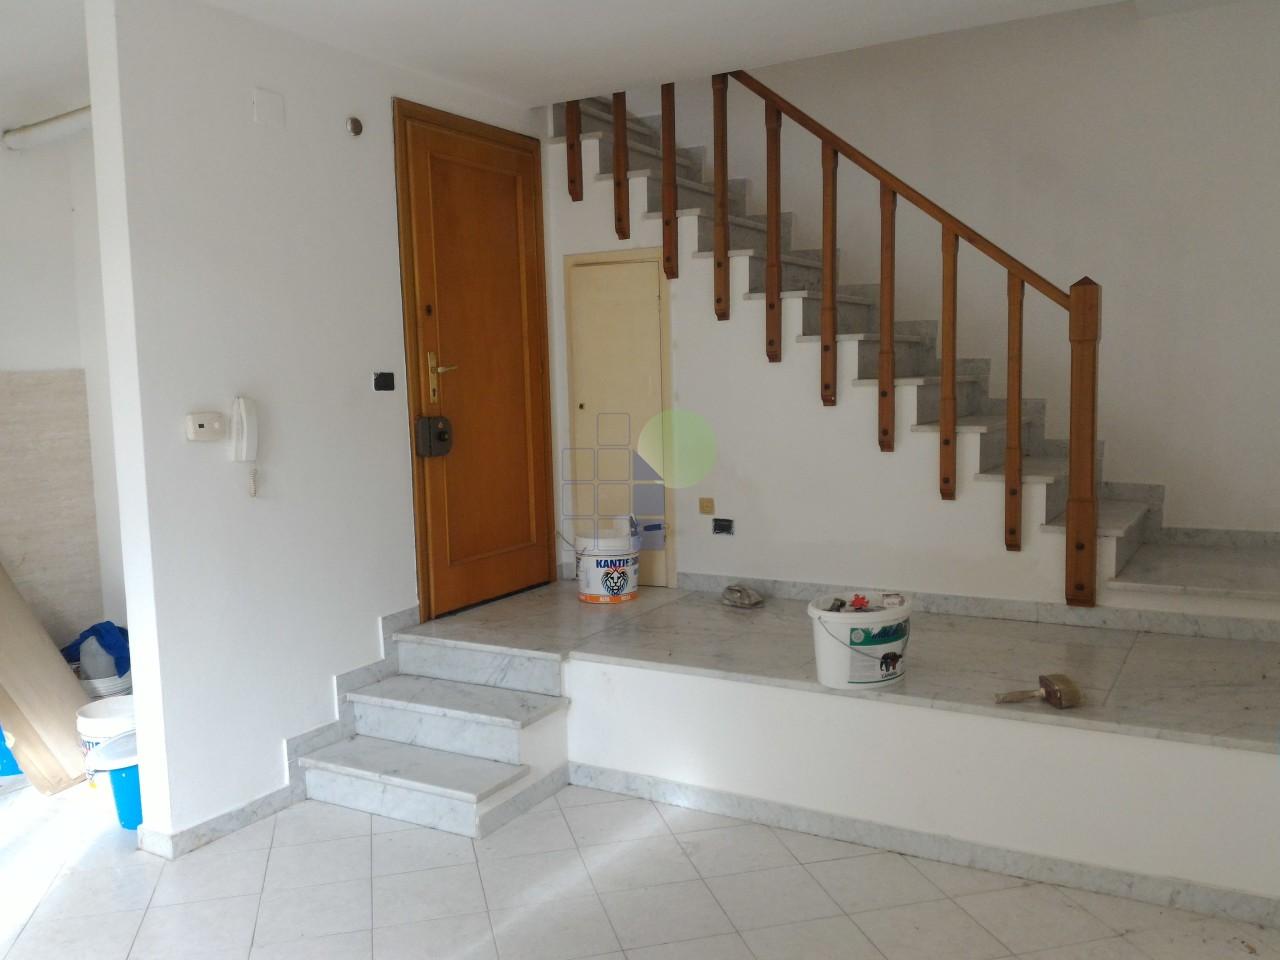 Appartamento - Bilocale a Ardenza, Livorno